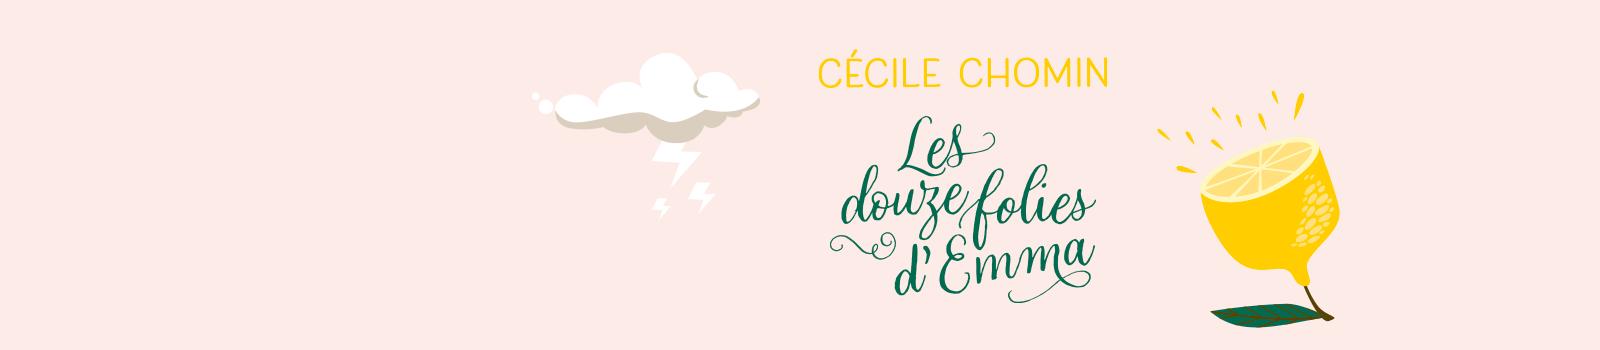 Les douze folies d'Emma, Cécile Chomin